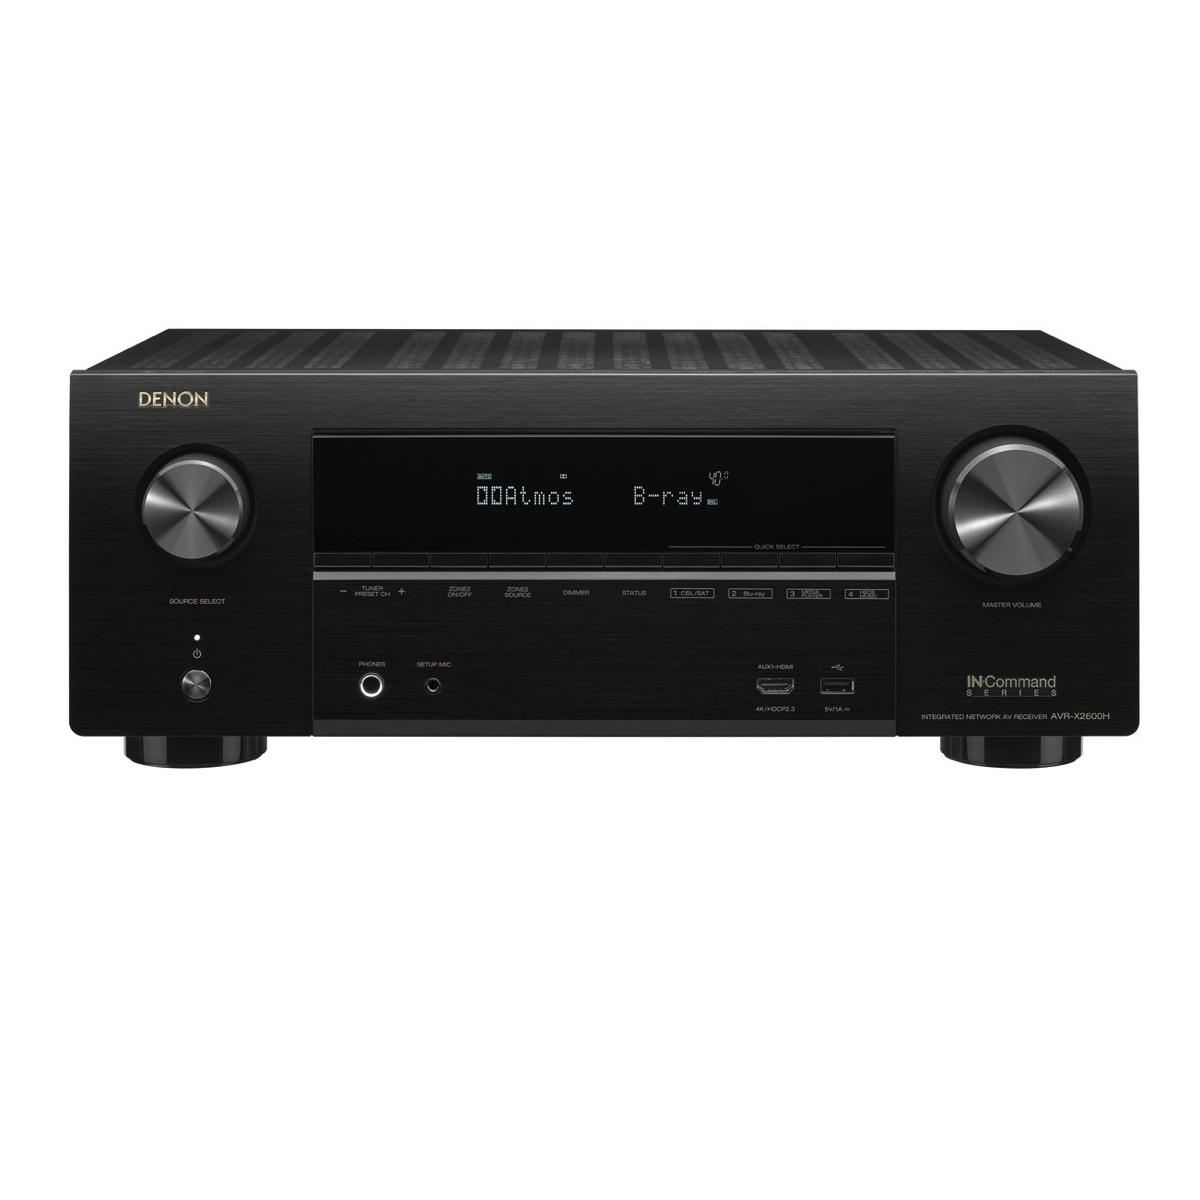 Denon AVR-X2600H - 7.2 Channel AV Receiver - All Home Living